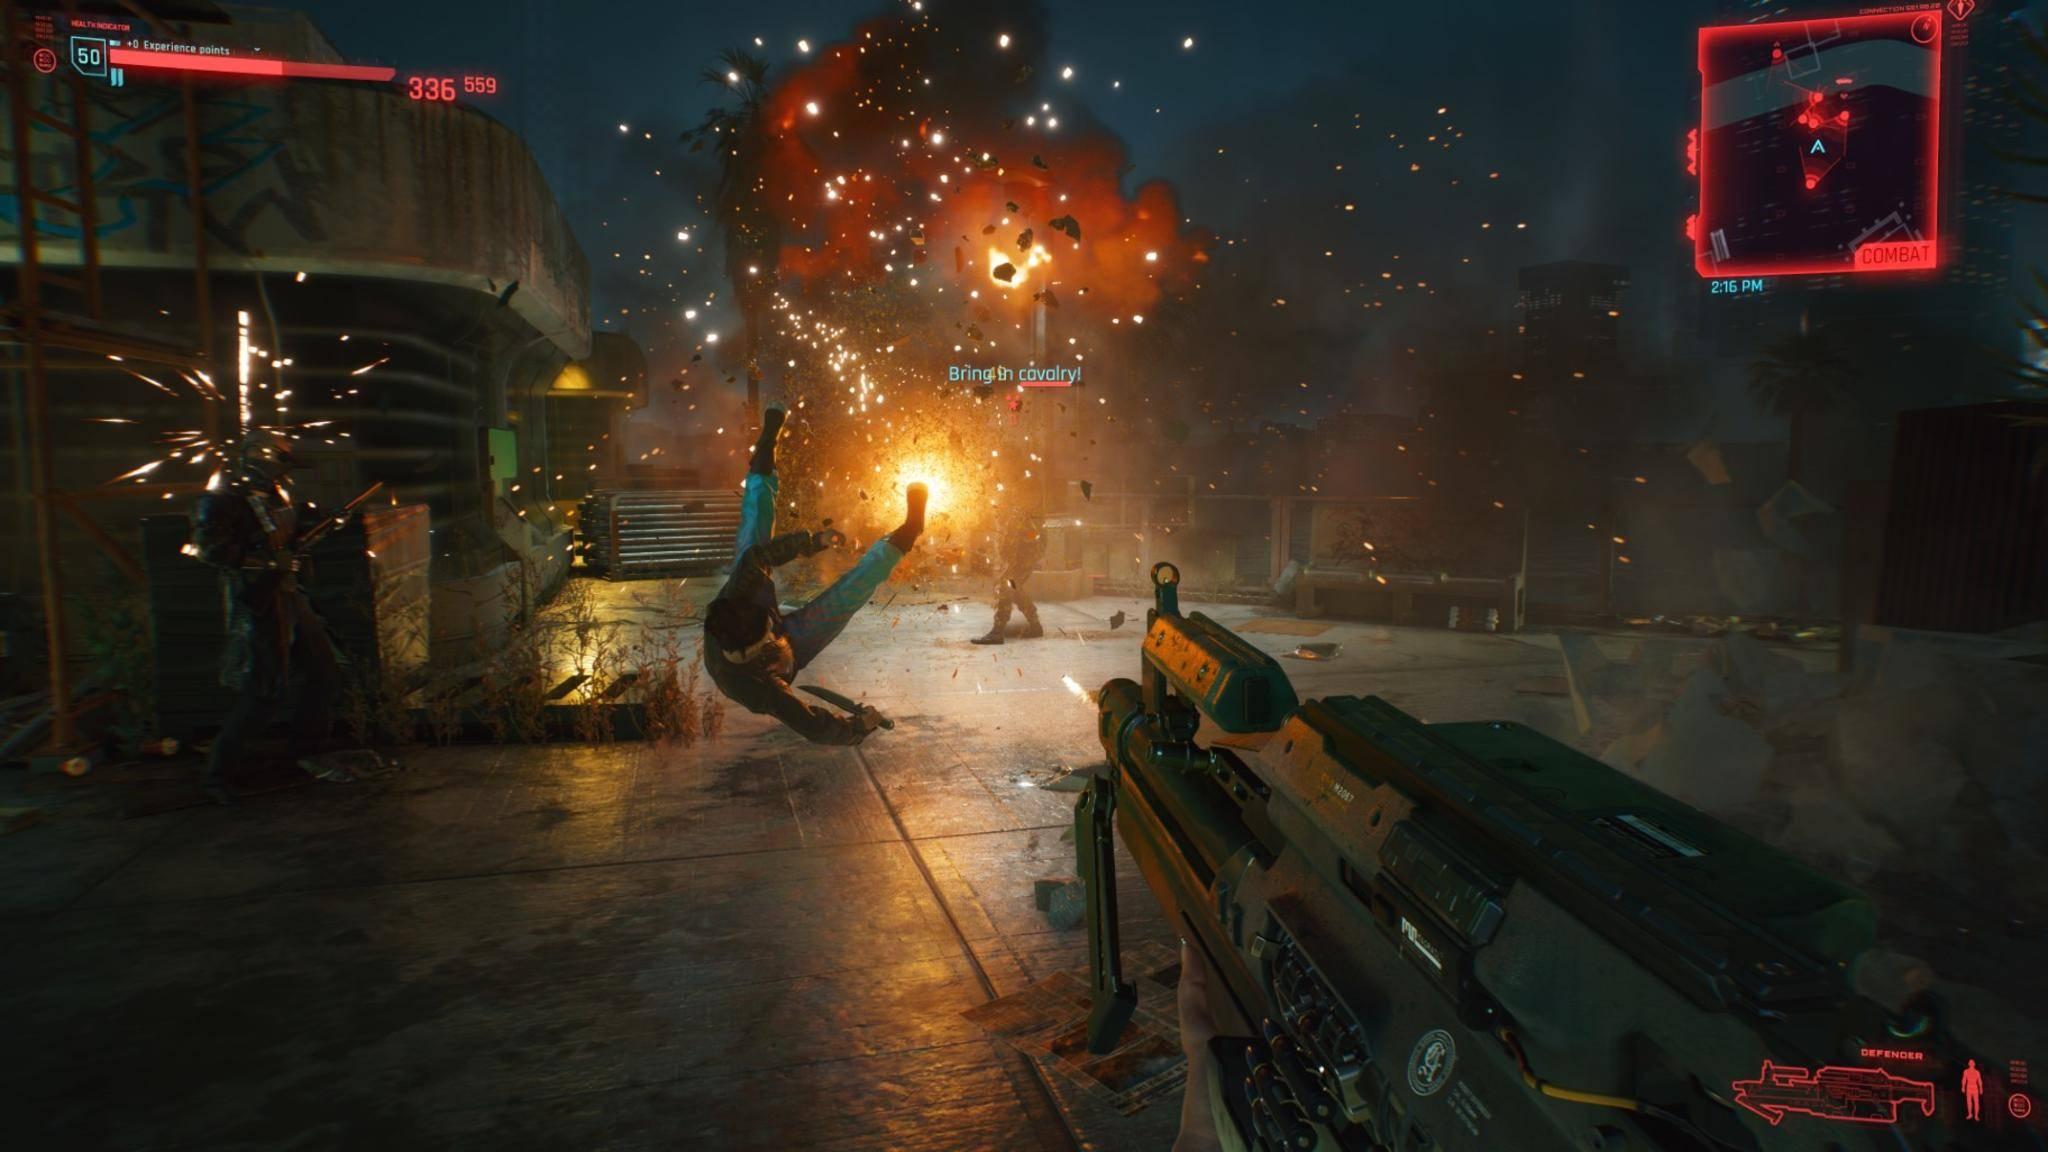 cyberpunk-2077-shootout-screenshot